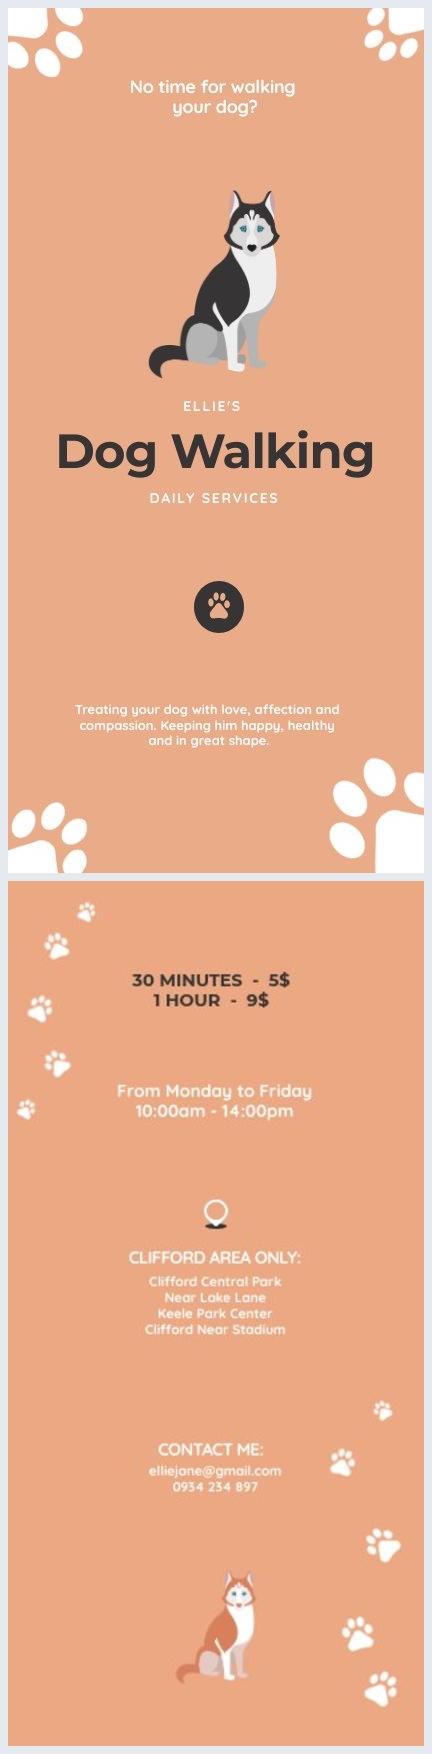 Plantilla para volantes de servicios de paseo de perros